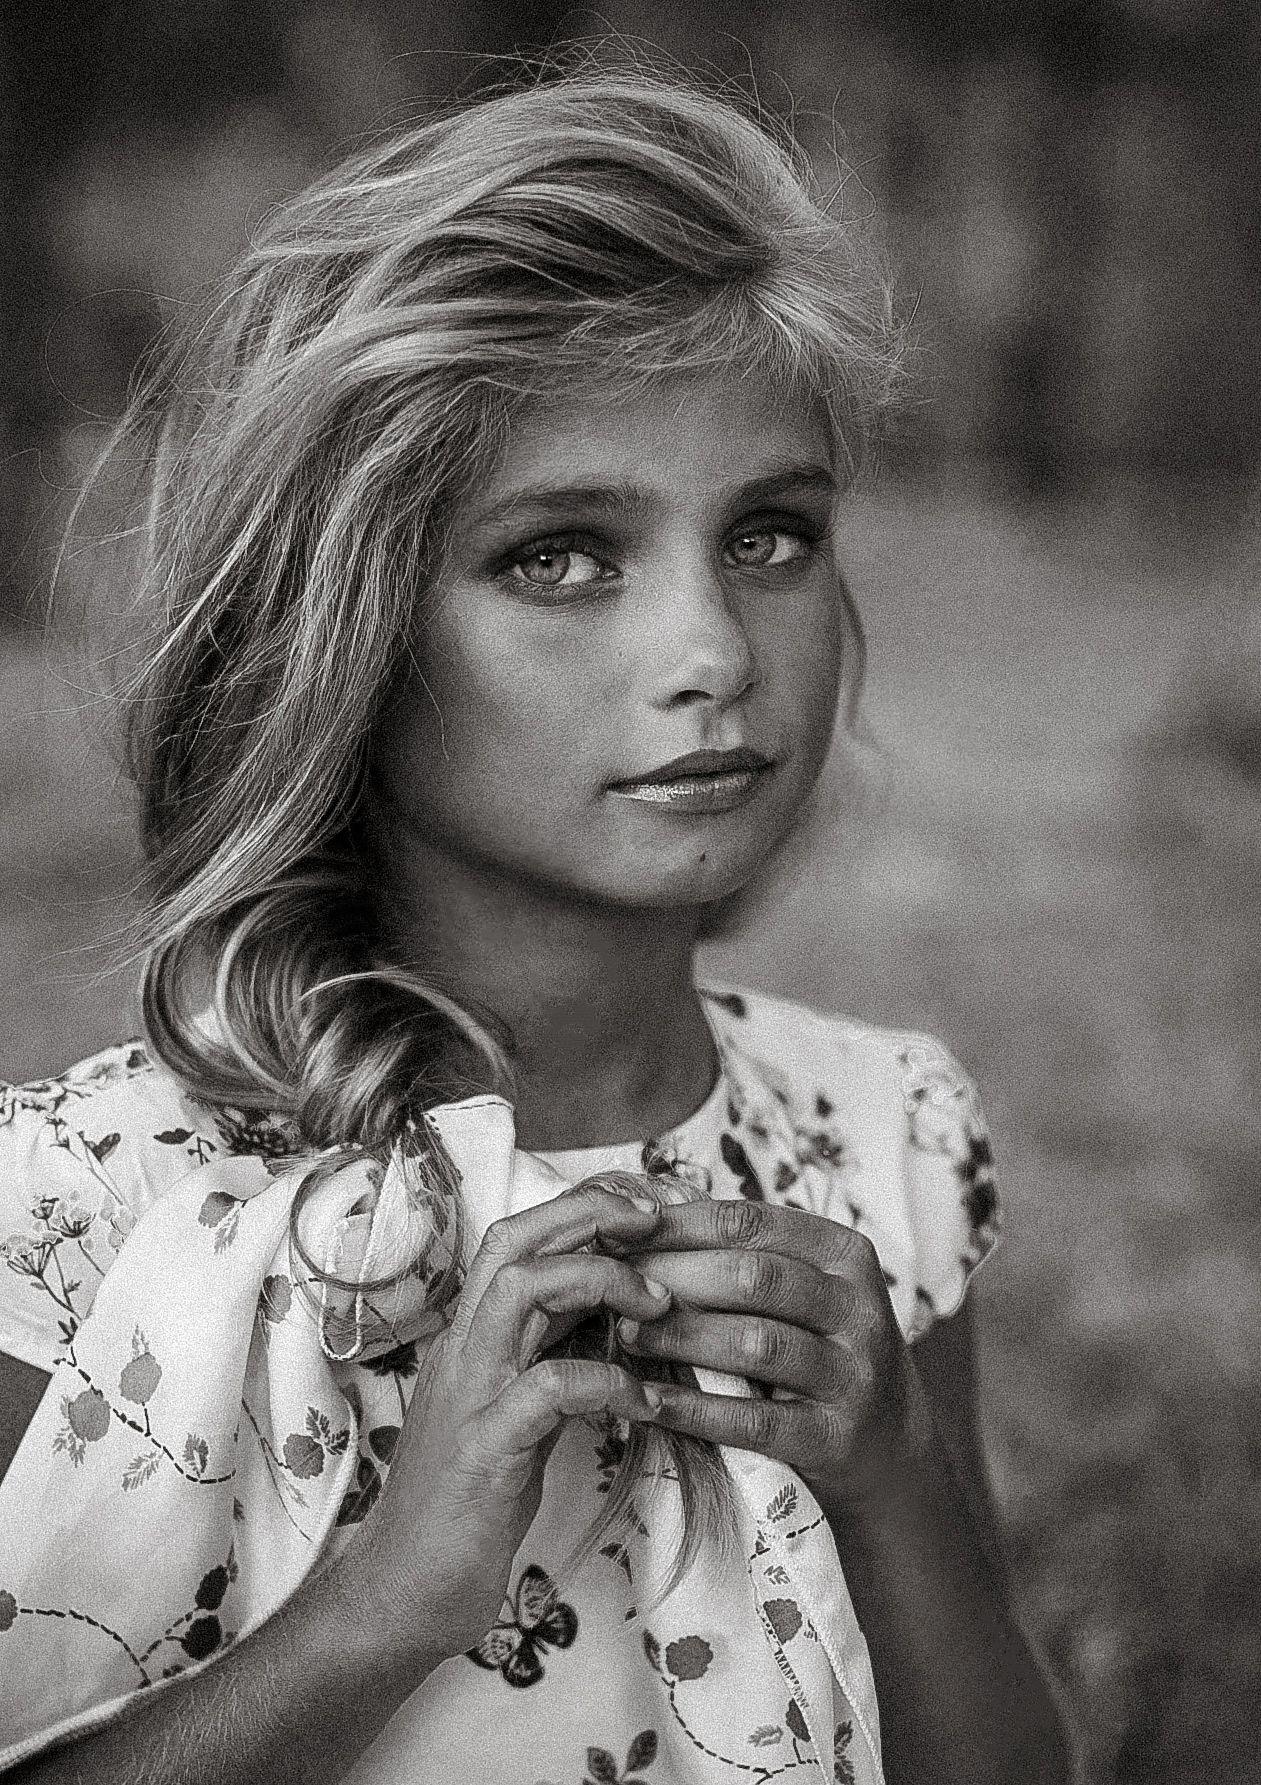 девочка, ребенок, портрет, детский портрет, портрет девочки, глаза. детское портфолио,пикник,лето, чб, природа, Светлана